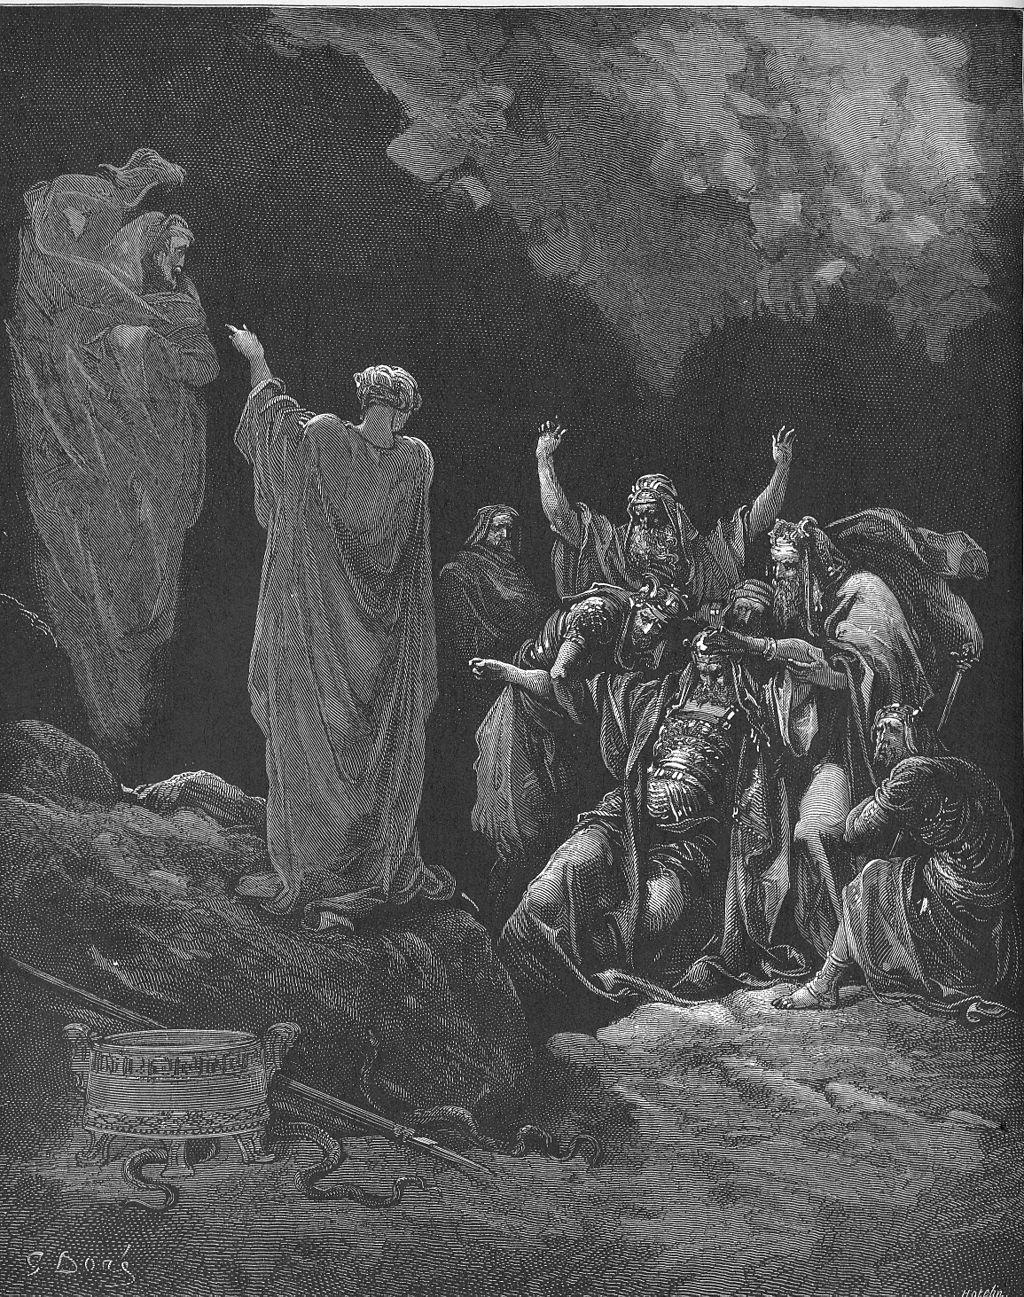 사울과 엔돌의 신접한 자 (귀스타브 도레, Gustave Doré, 1866년)